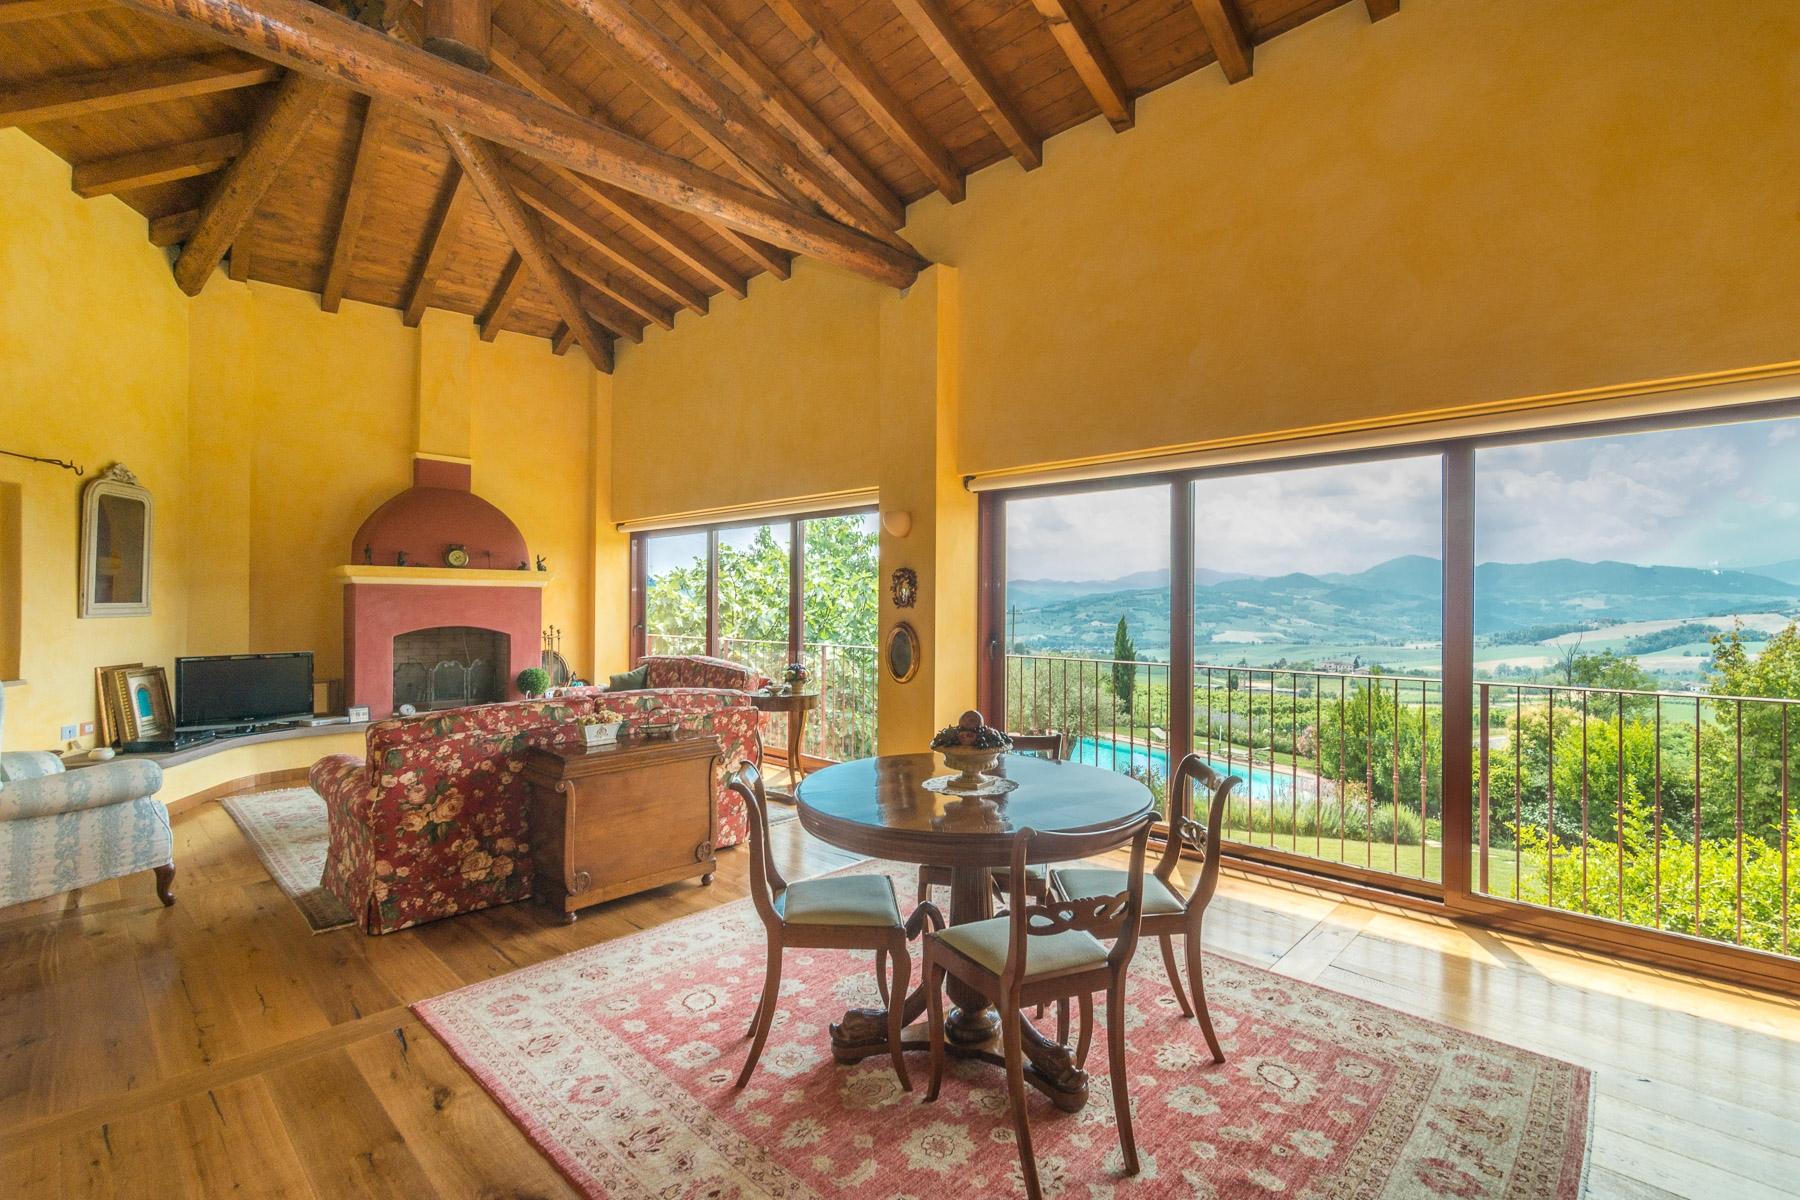 Casa indipendente in Vendita a Ziano Piacentino: 5 locali, 260 mq - Foto 16